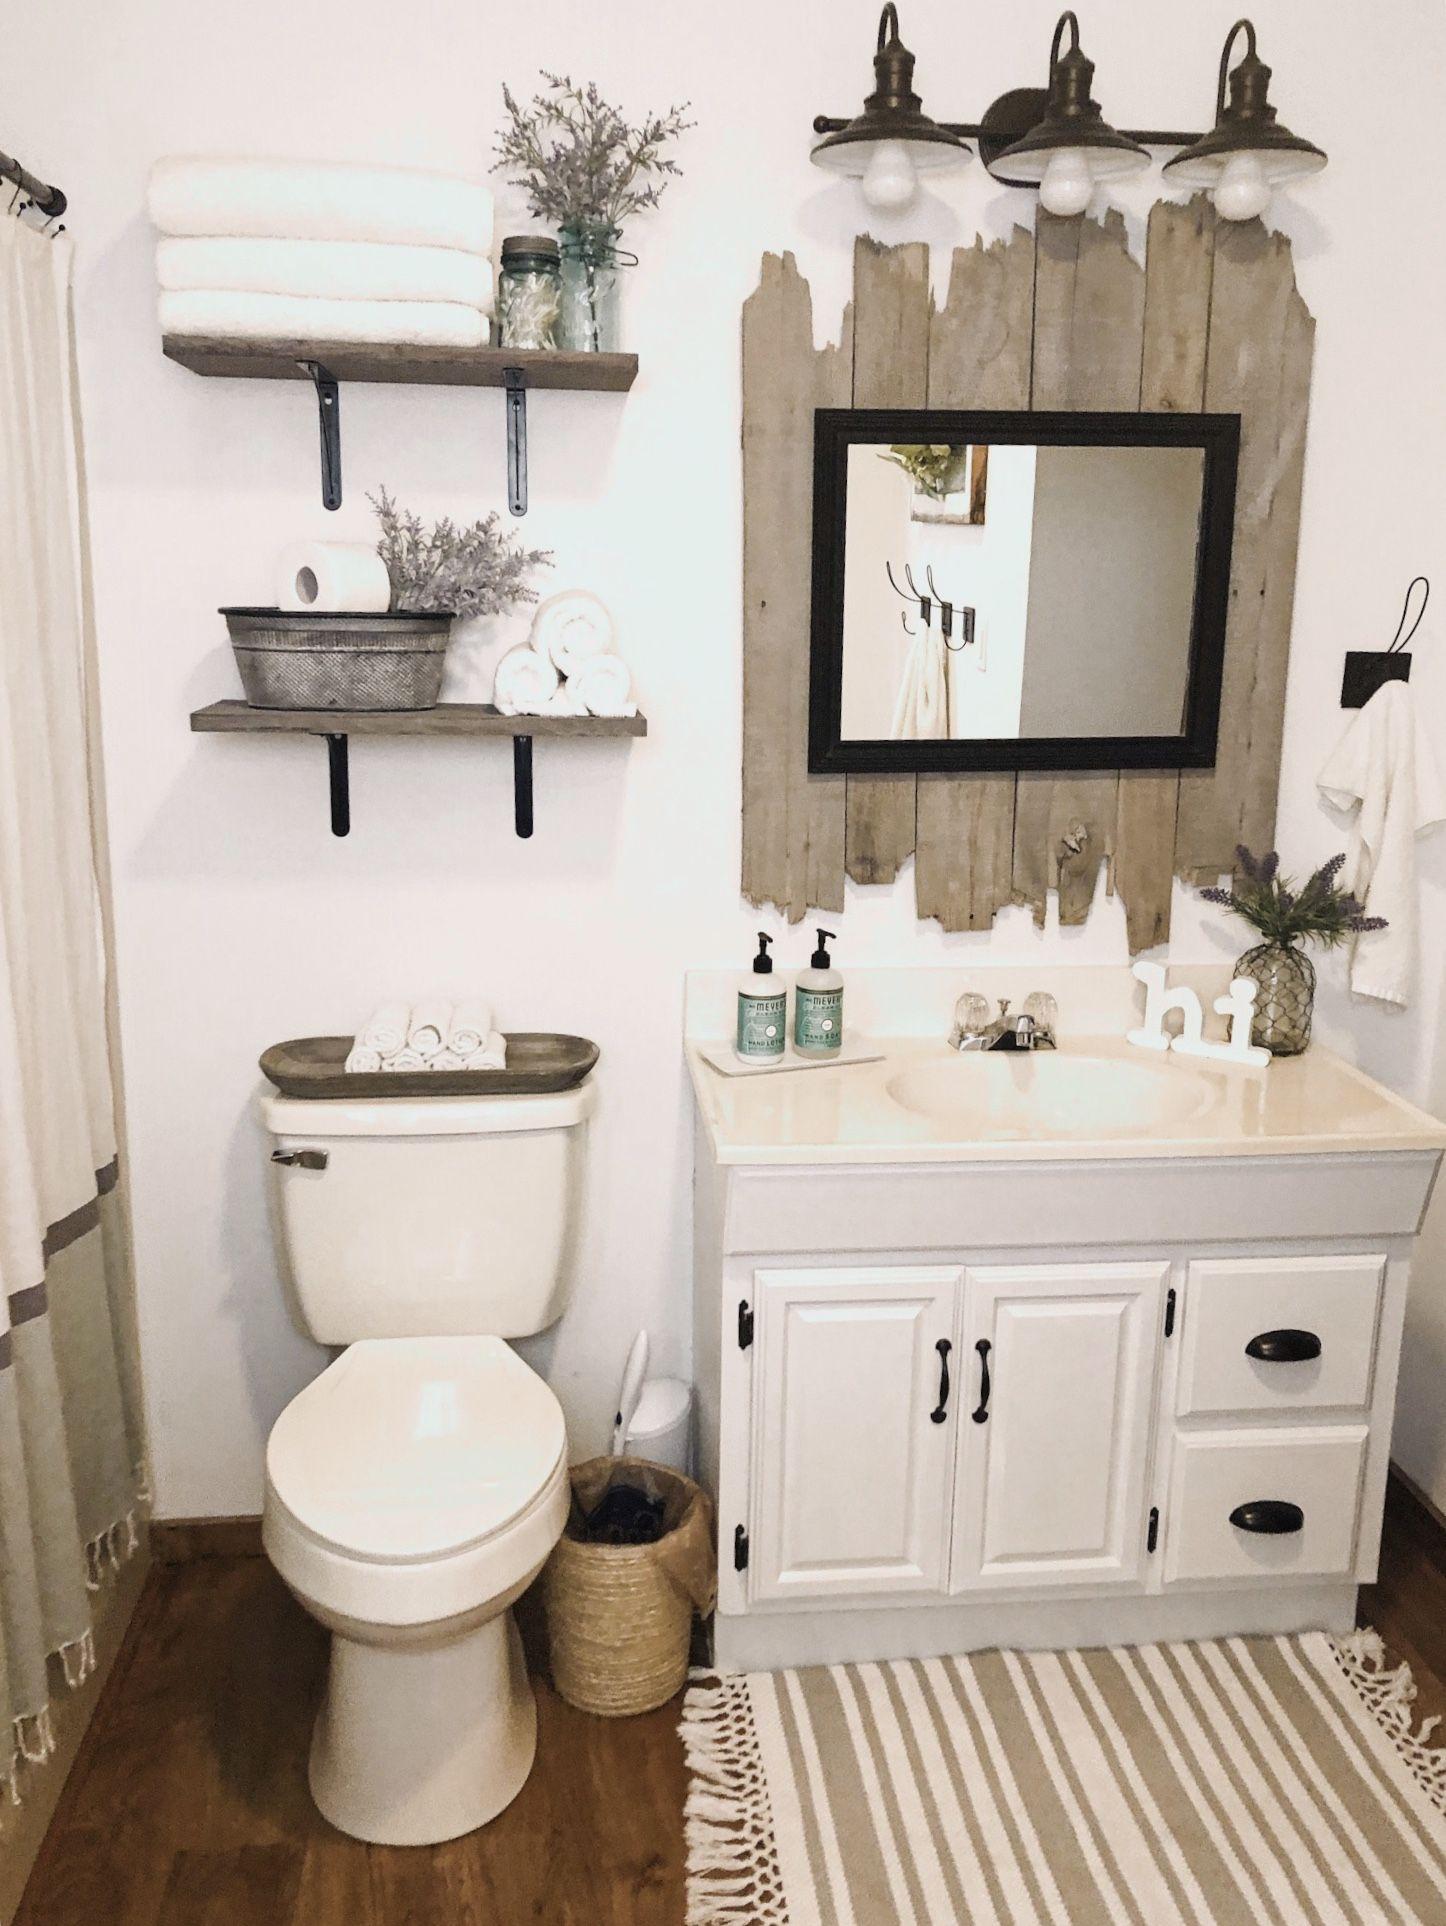 Farmhouse Bathroom Farmhouse Bathroom Decor Restroom Decor Small Bathroom Decor